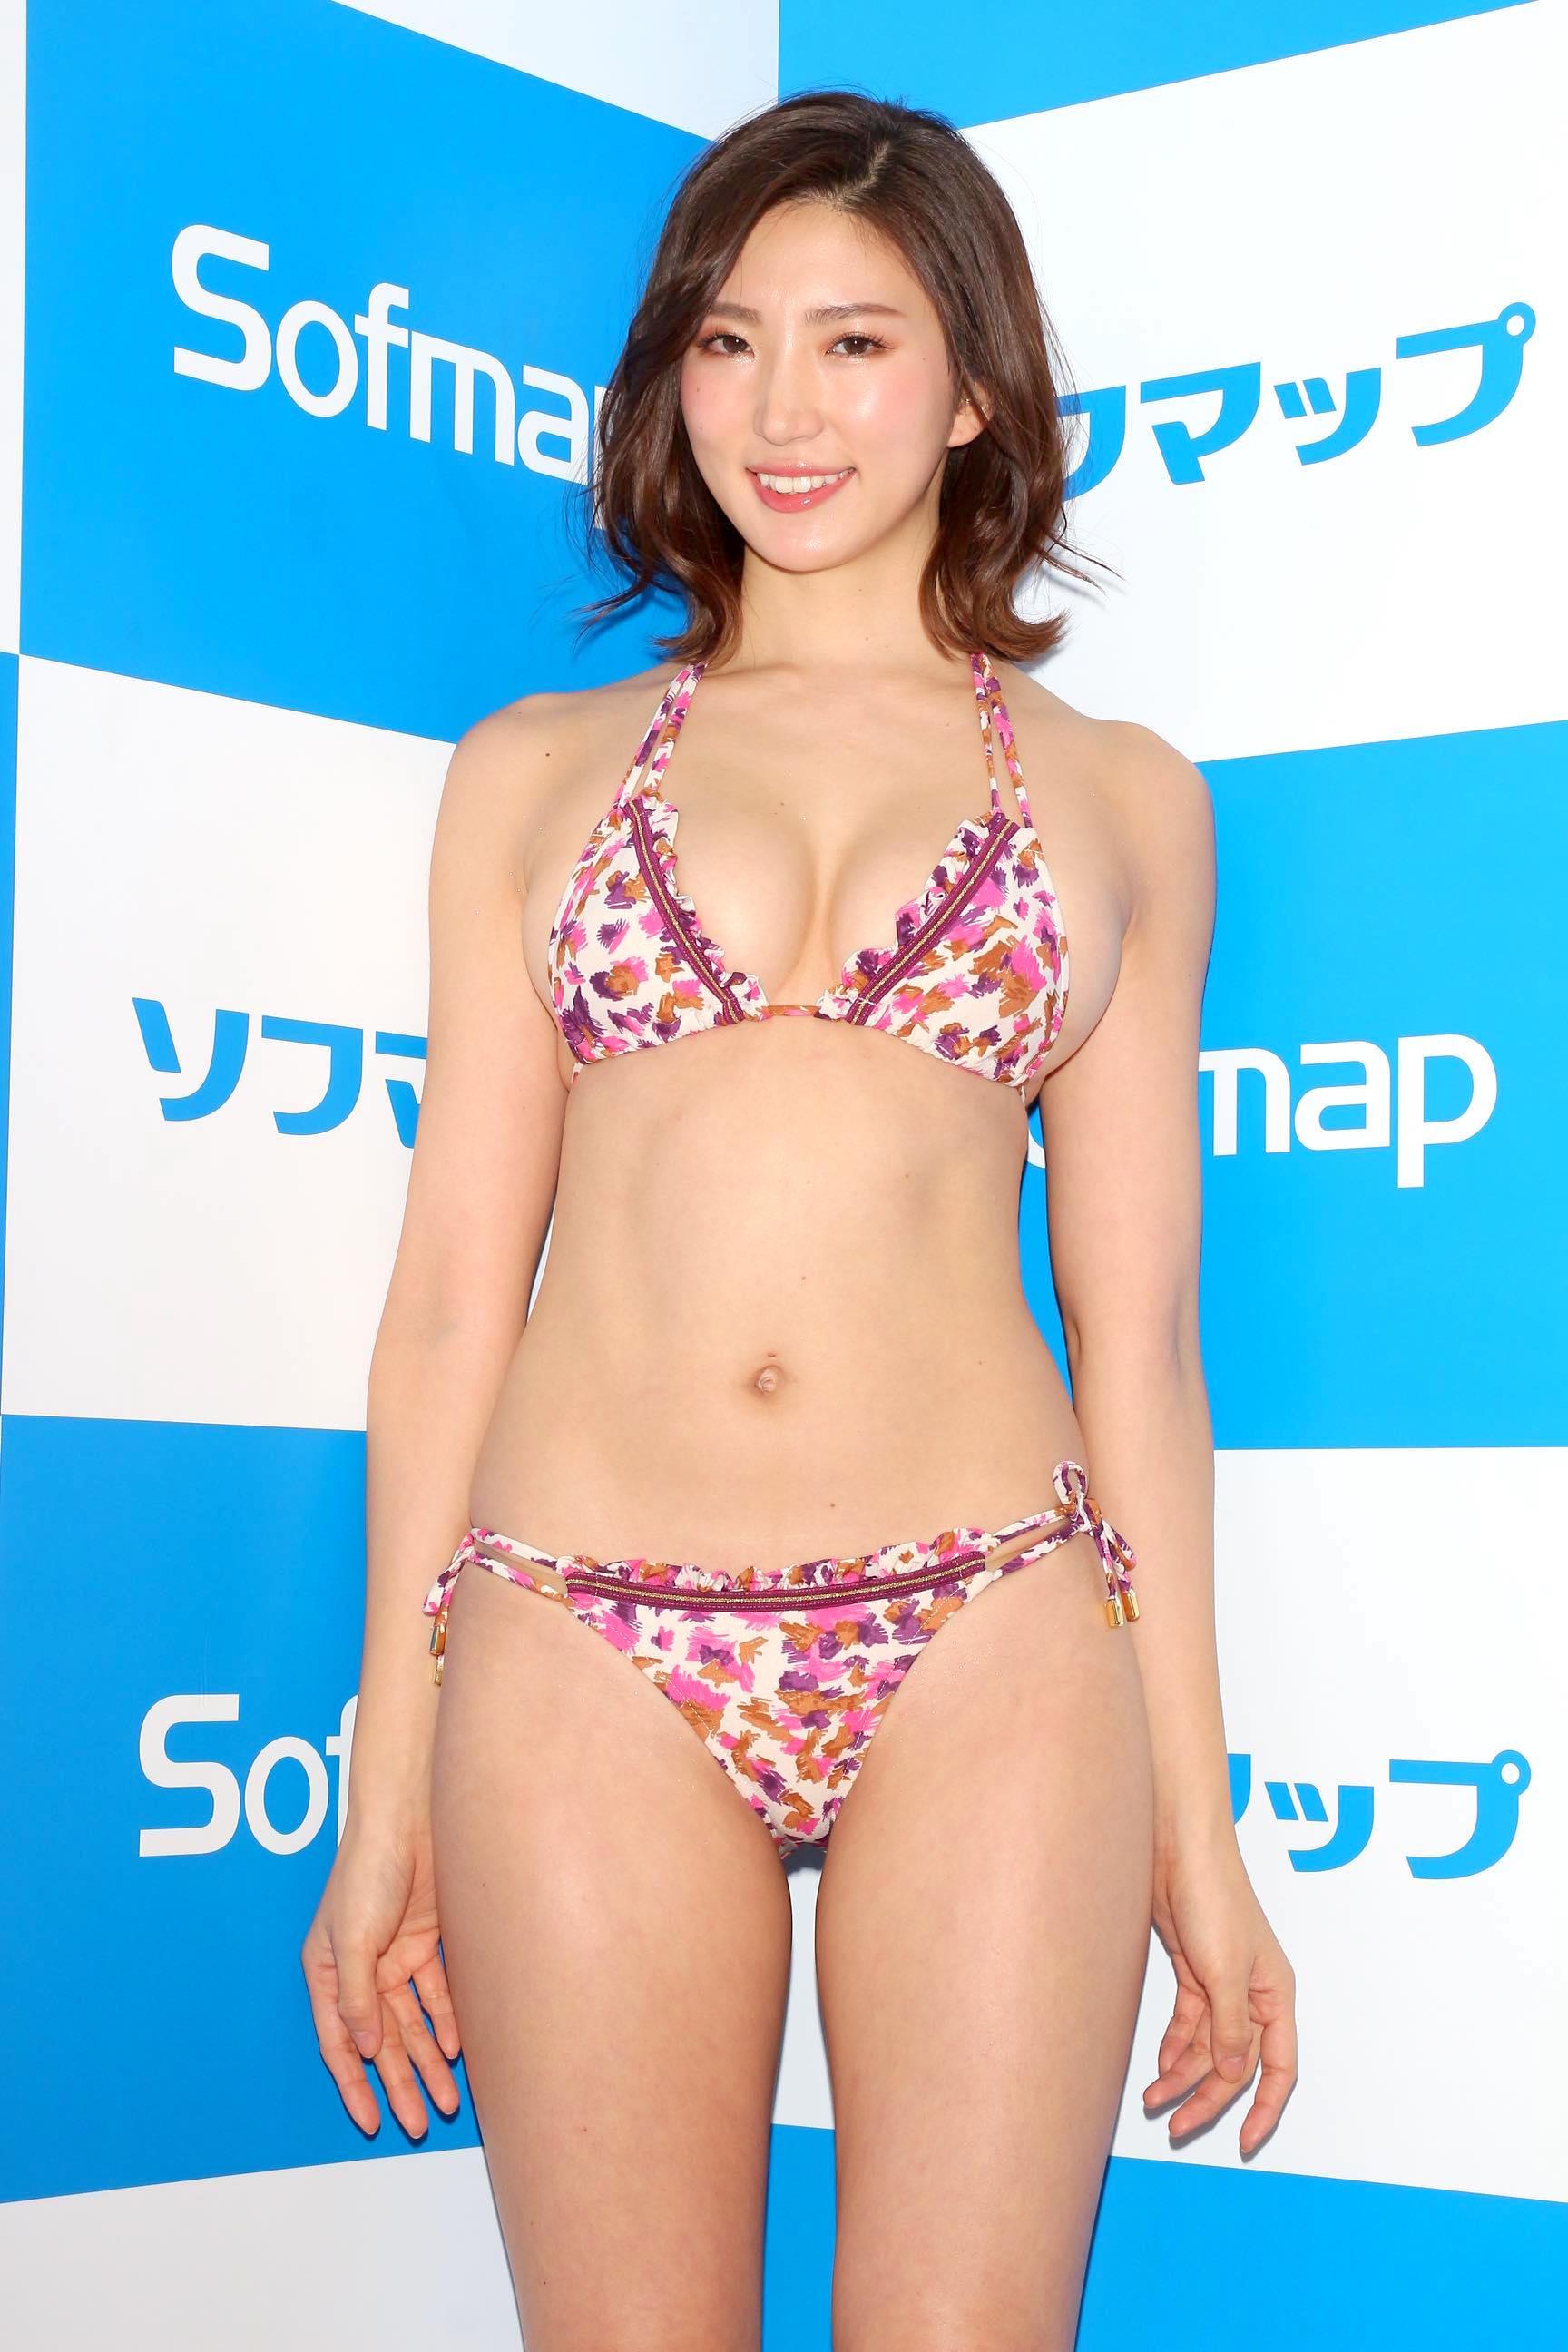 松嶋えいみ「ニップレスがはがれる」赤面ハプニングを大胆告白【写真21枚】の画像002